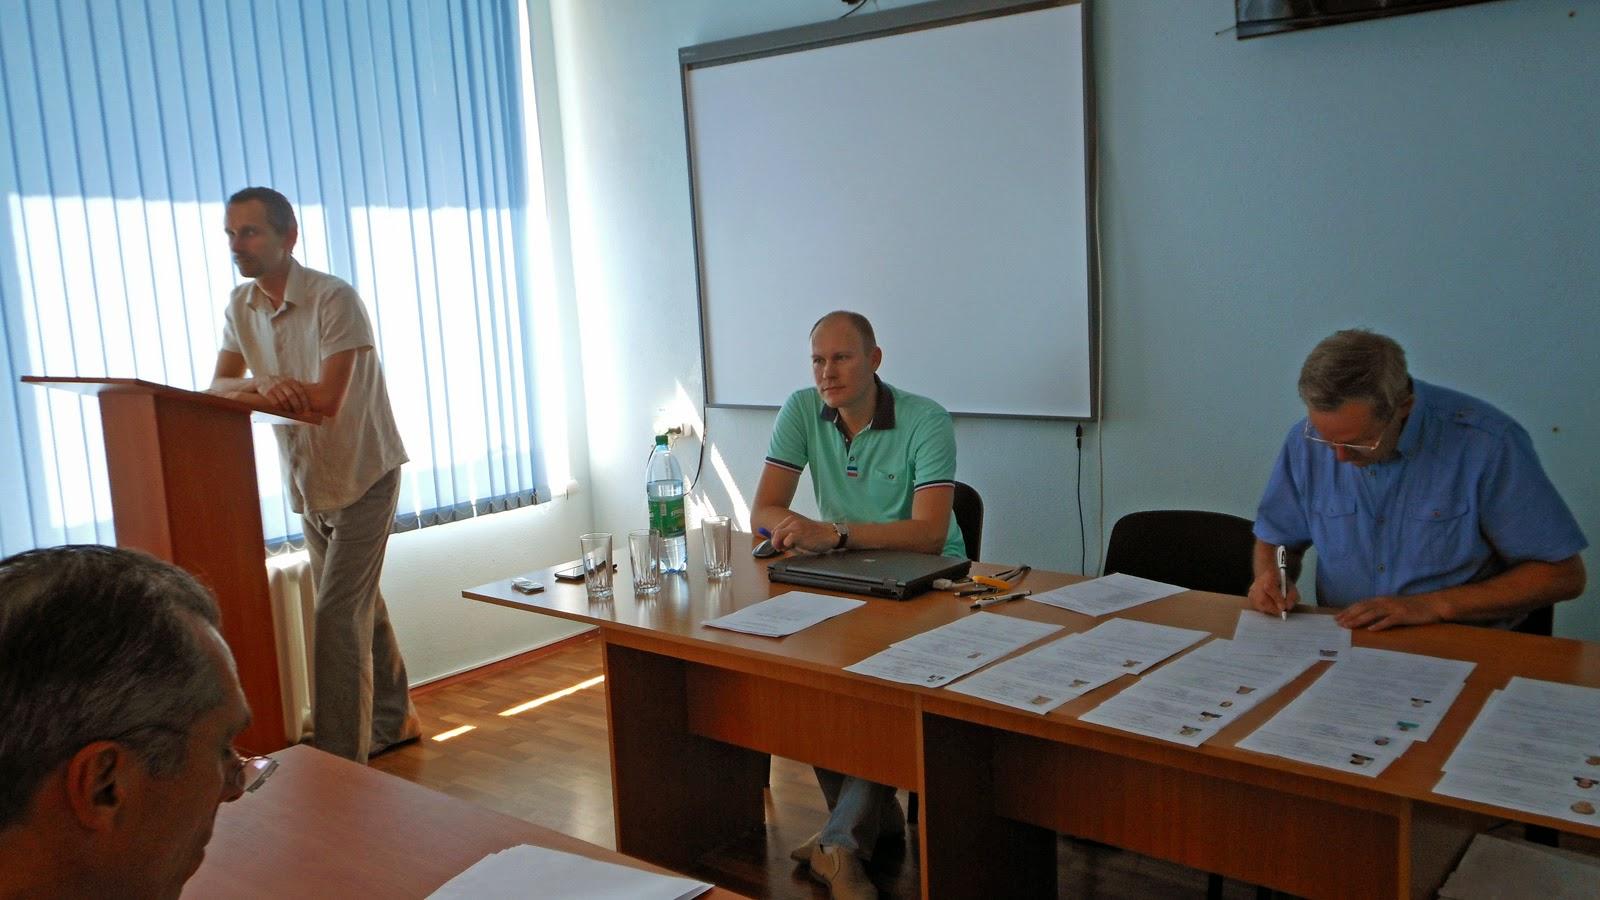 14-16 серпня 2014 р. проходили курси з підвищення кваліфікації оцінювачів за напрямом «Експертна грошова оцінка земельних ділянок».